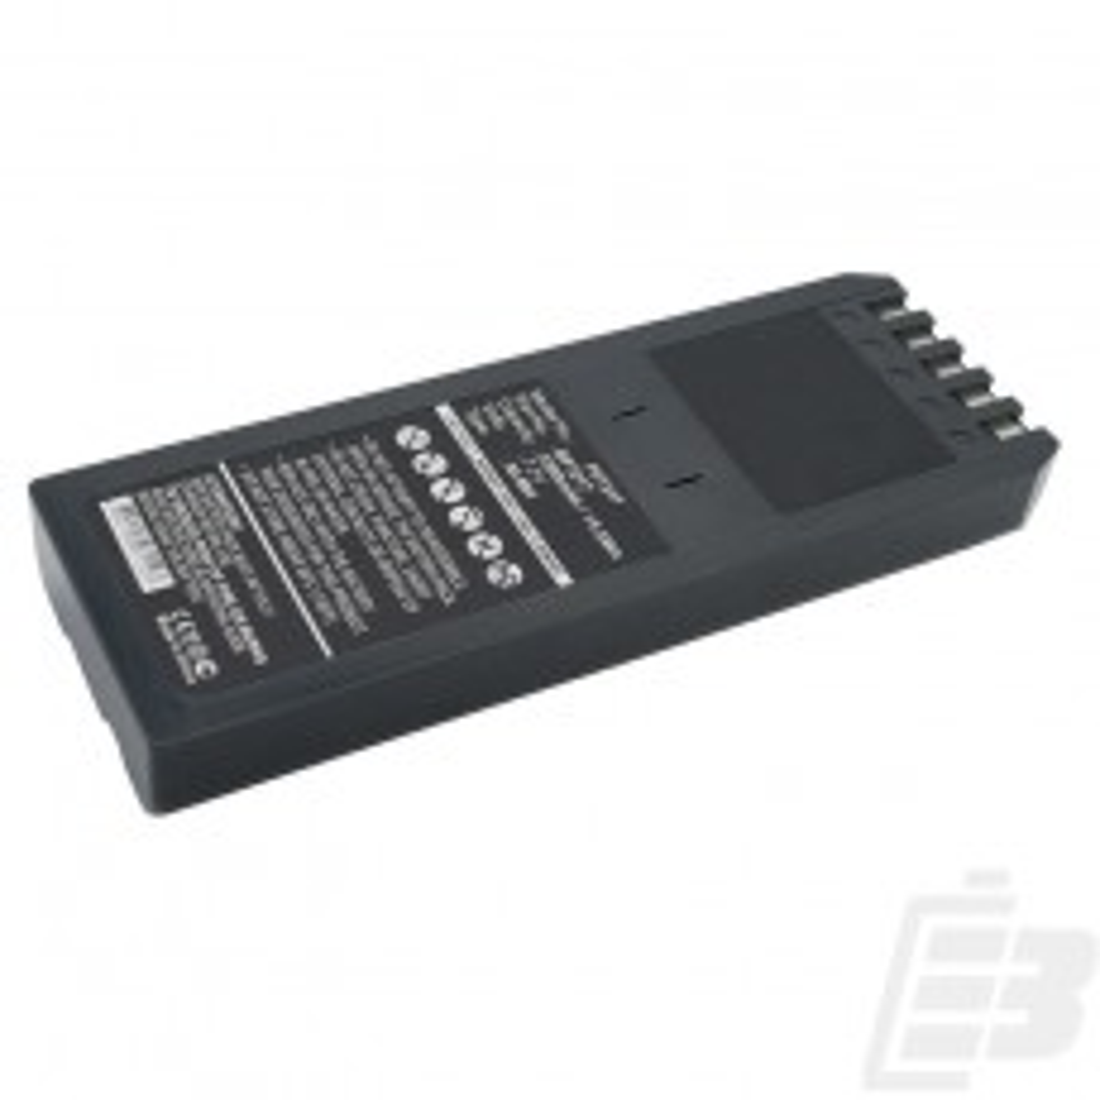 Digital measuring device battery Fluke 865_1